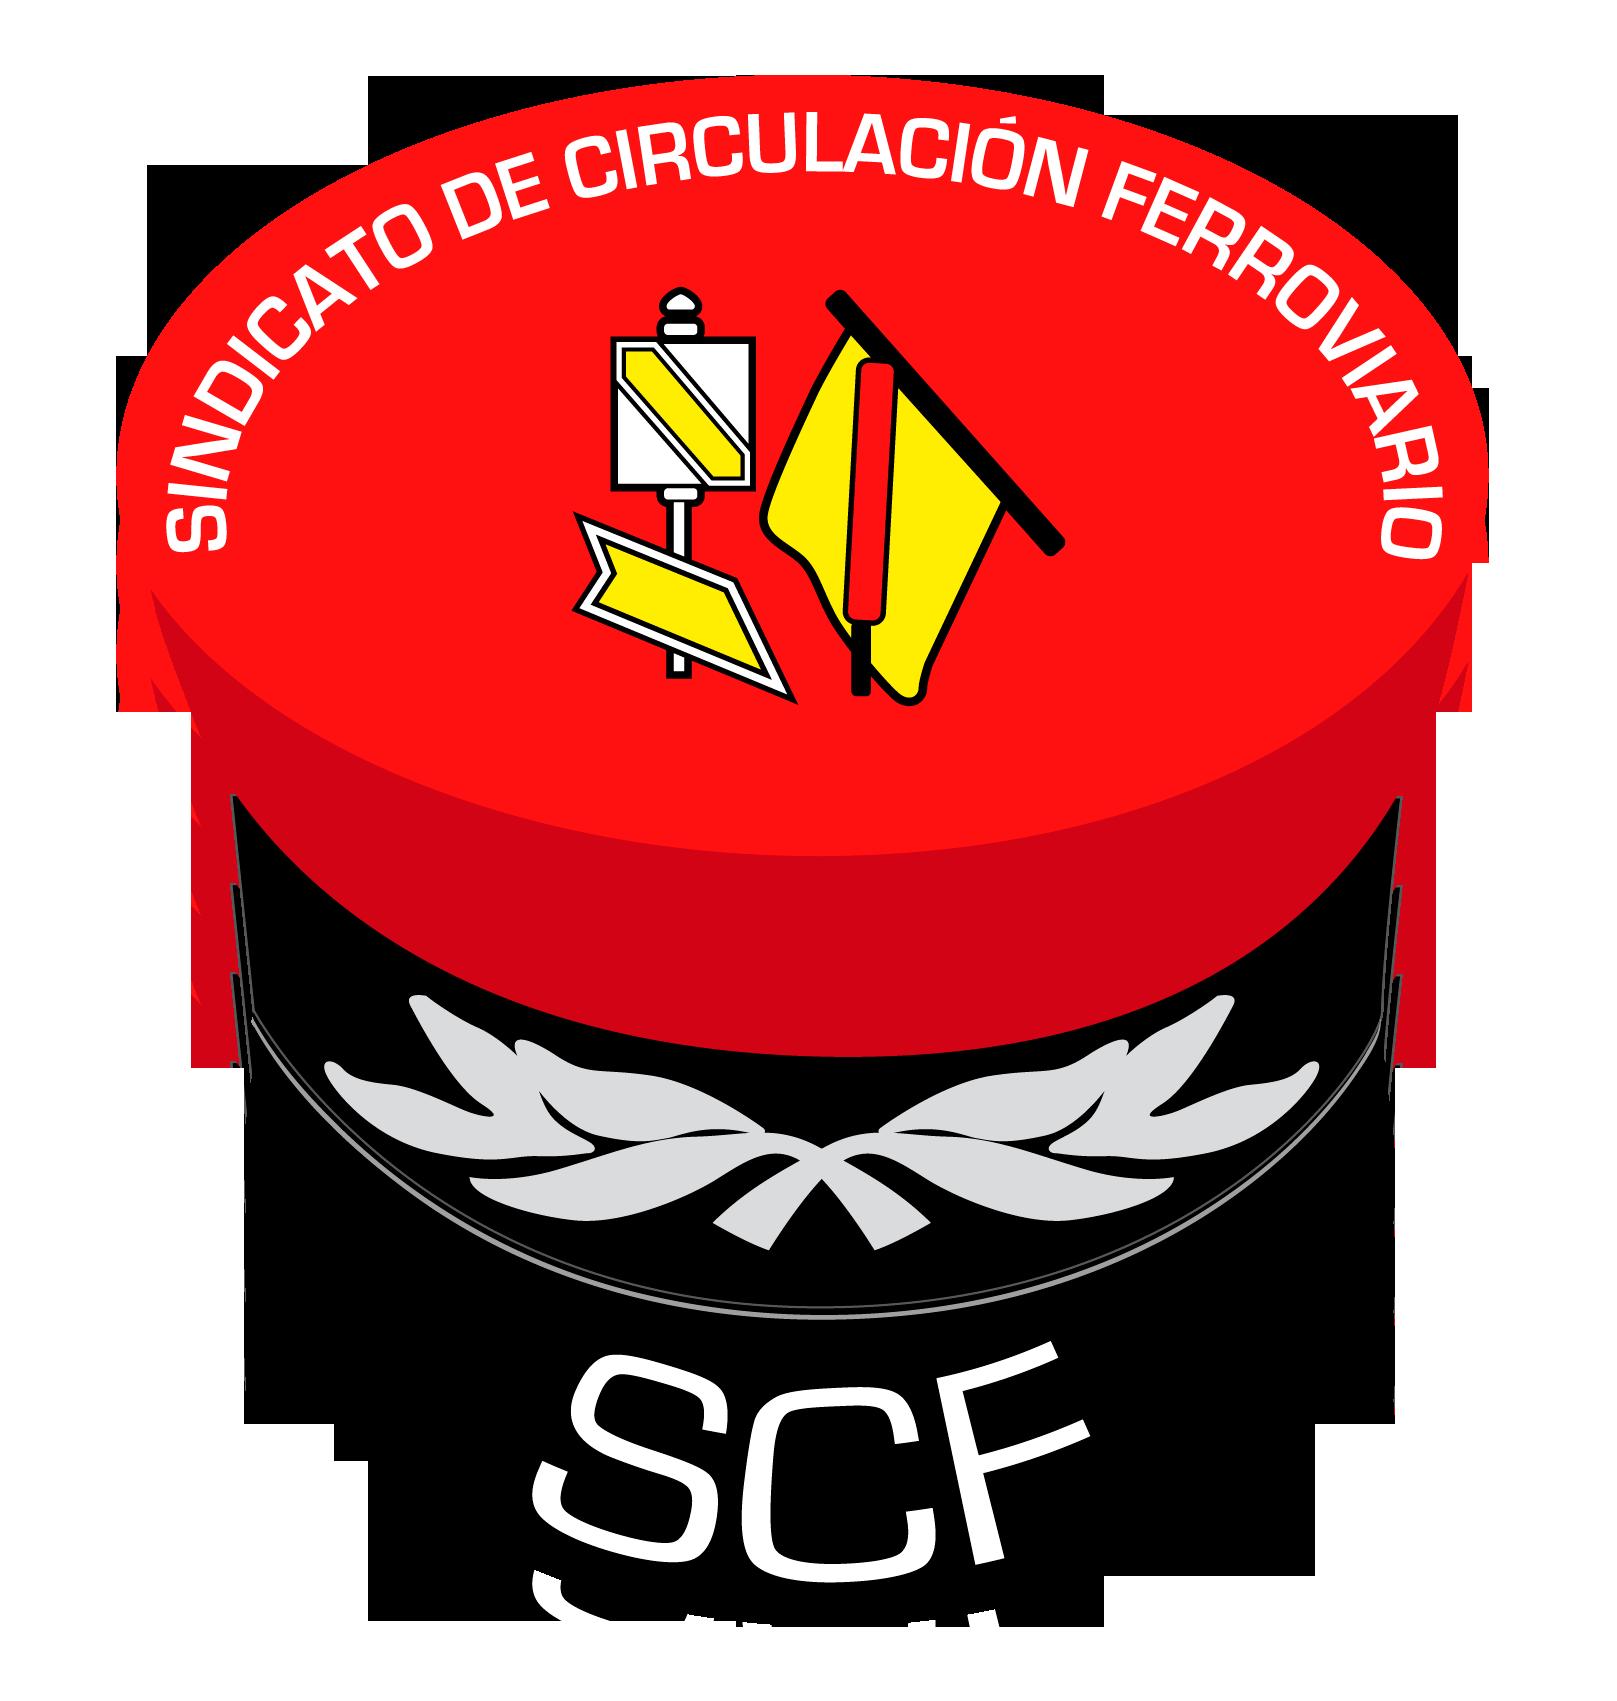 Fotografia Sindicato de Circulación Ferroviario